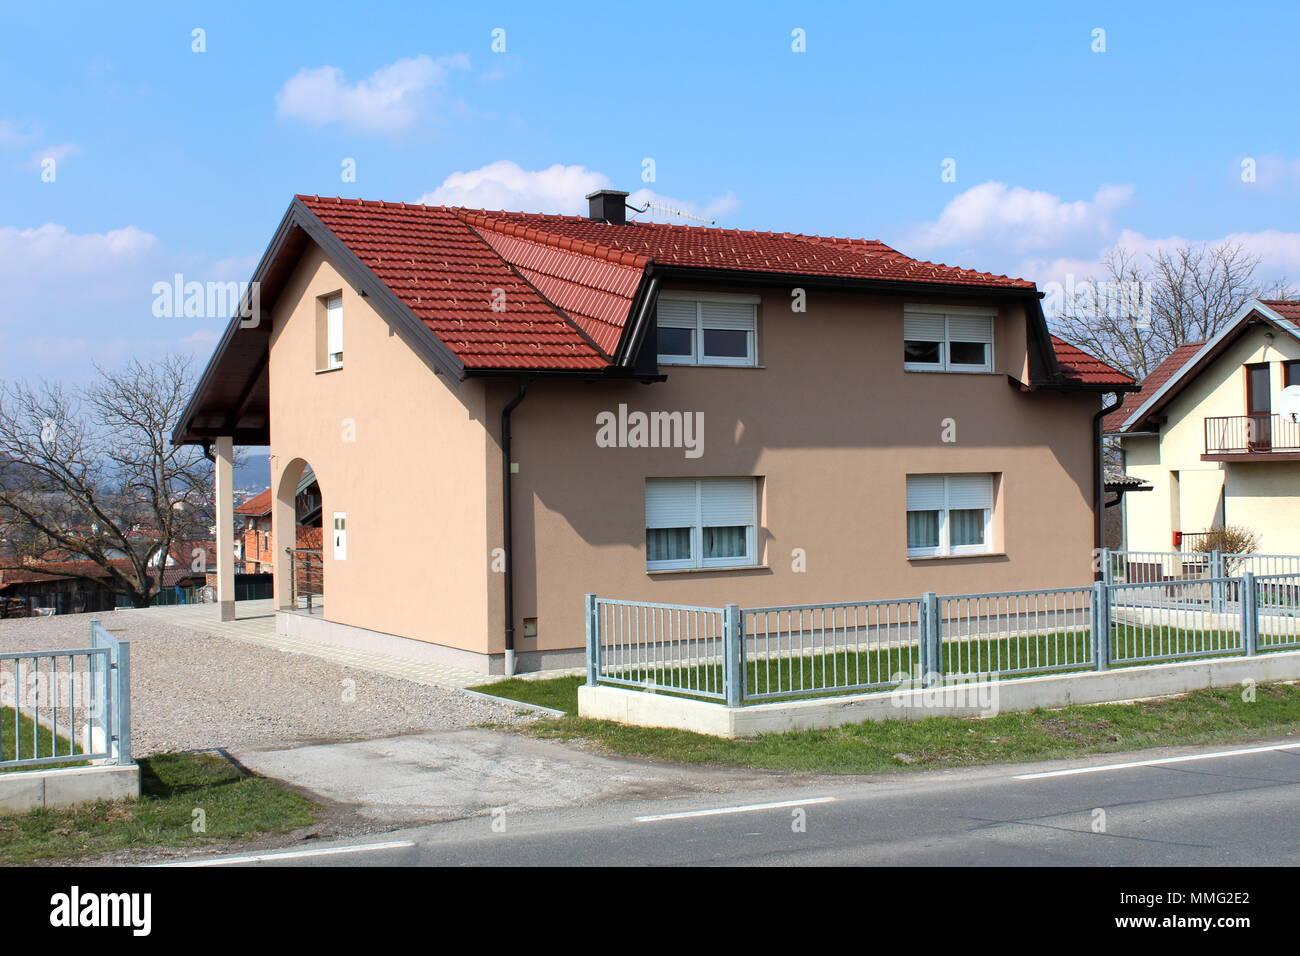 Neue S Haus Mit Modernem Design Mit Grauem Metall Zaun Gras Und